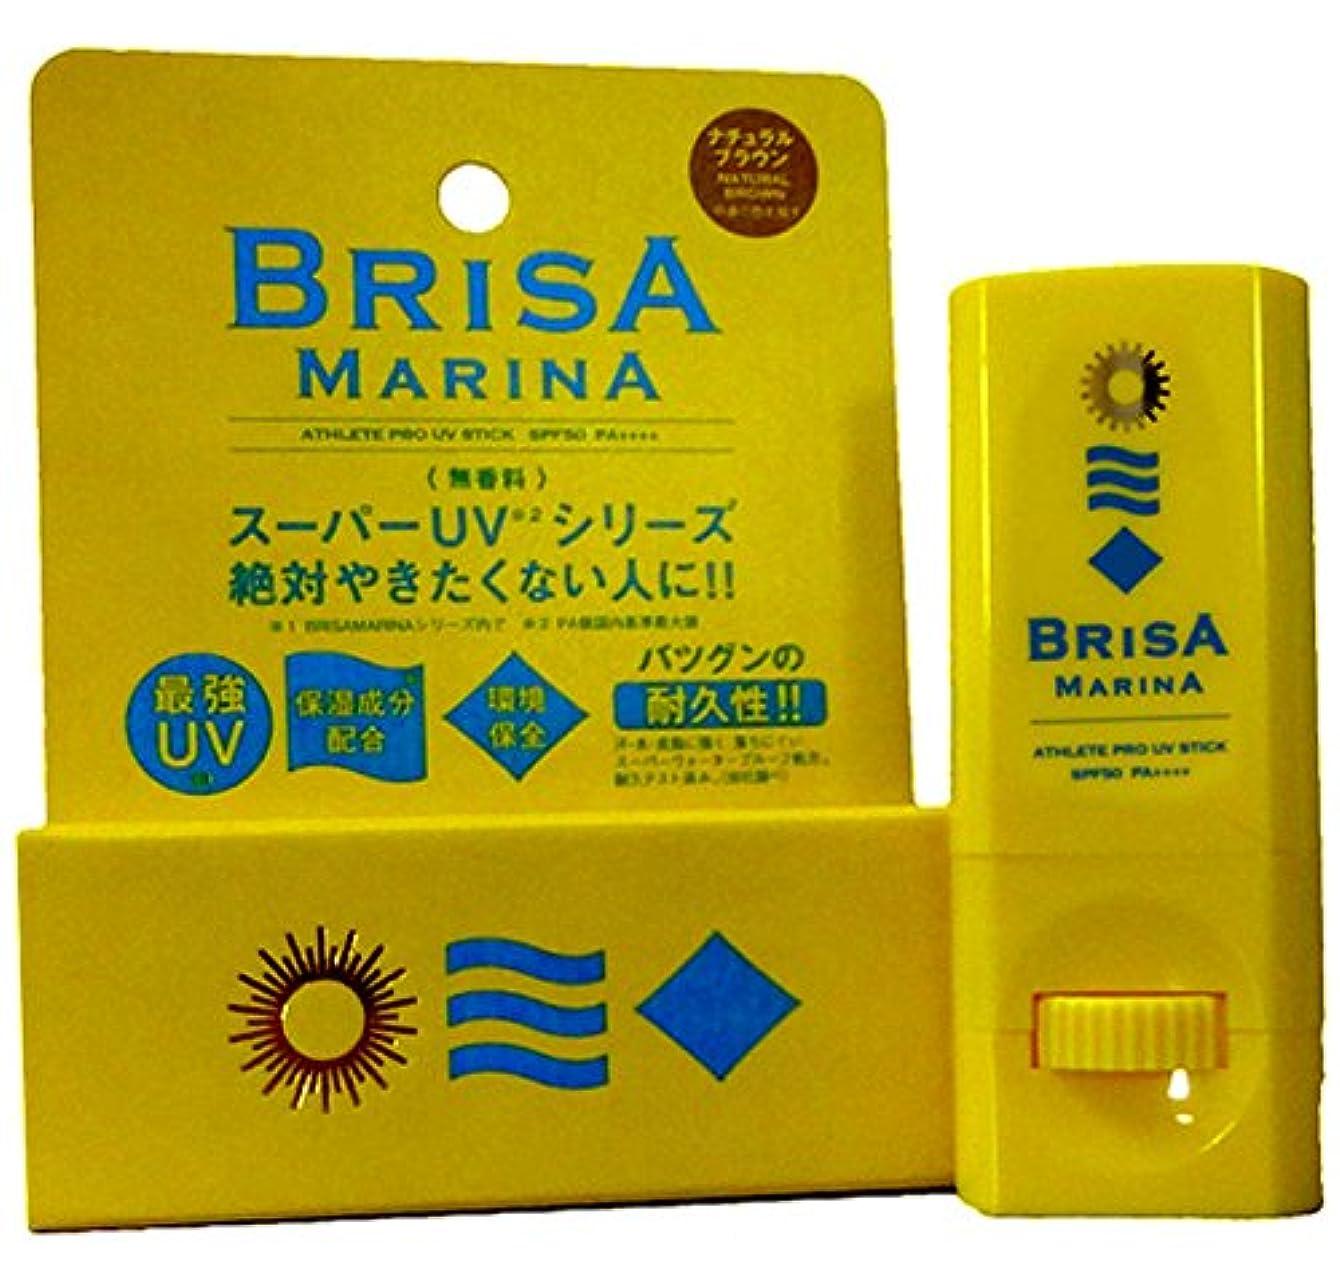 もつれリーガン割合BRISA MARINA(ブリサマリーナ) ATHLETE PRO UV STICK 10g 日焼け止め スティック (01-WHITE)